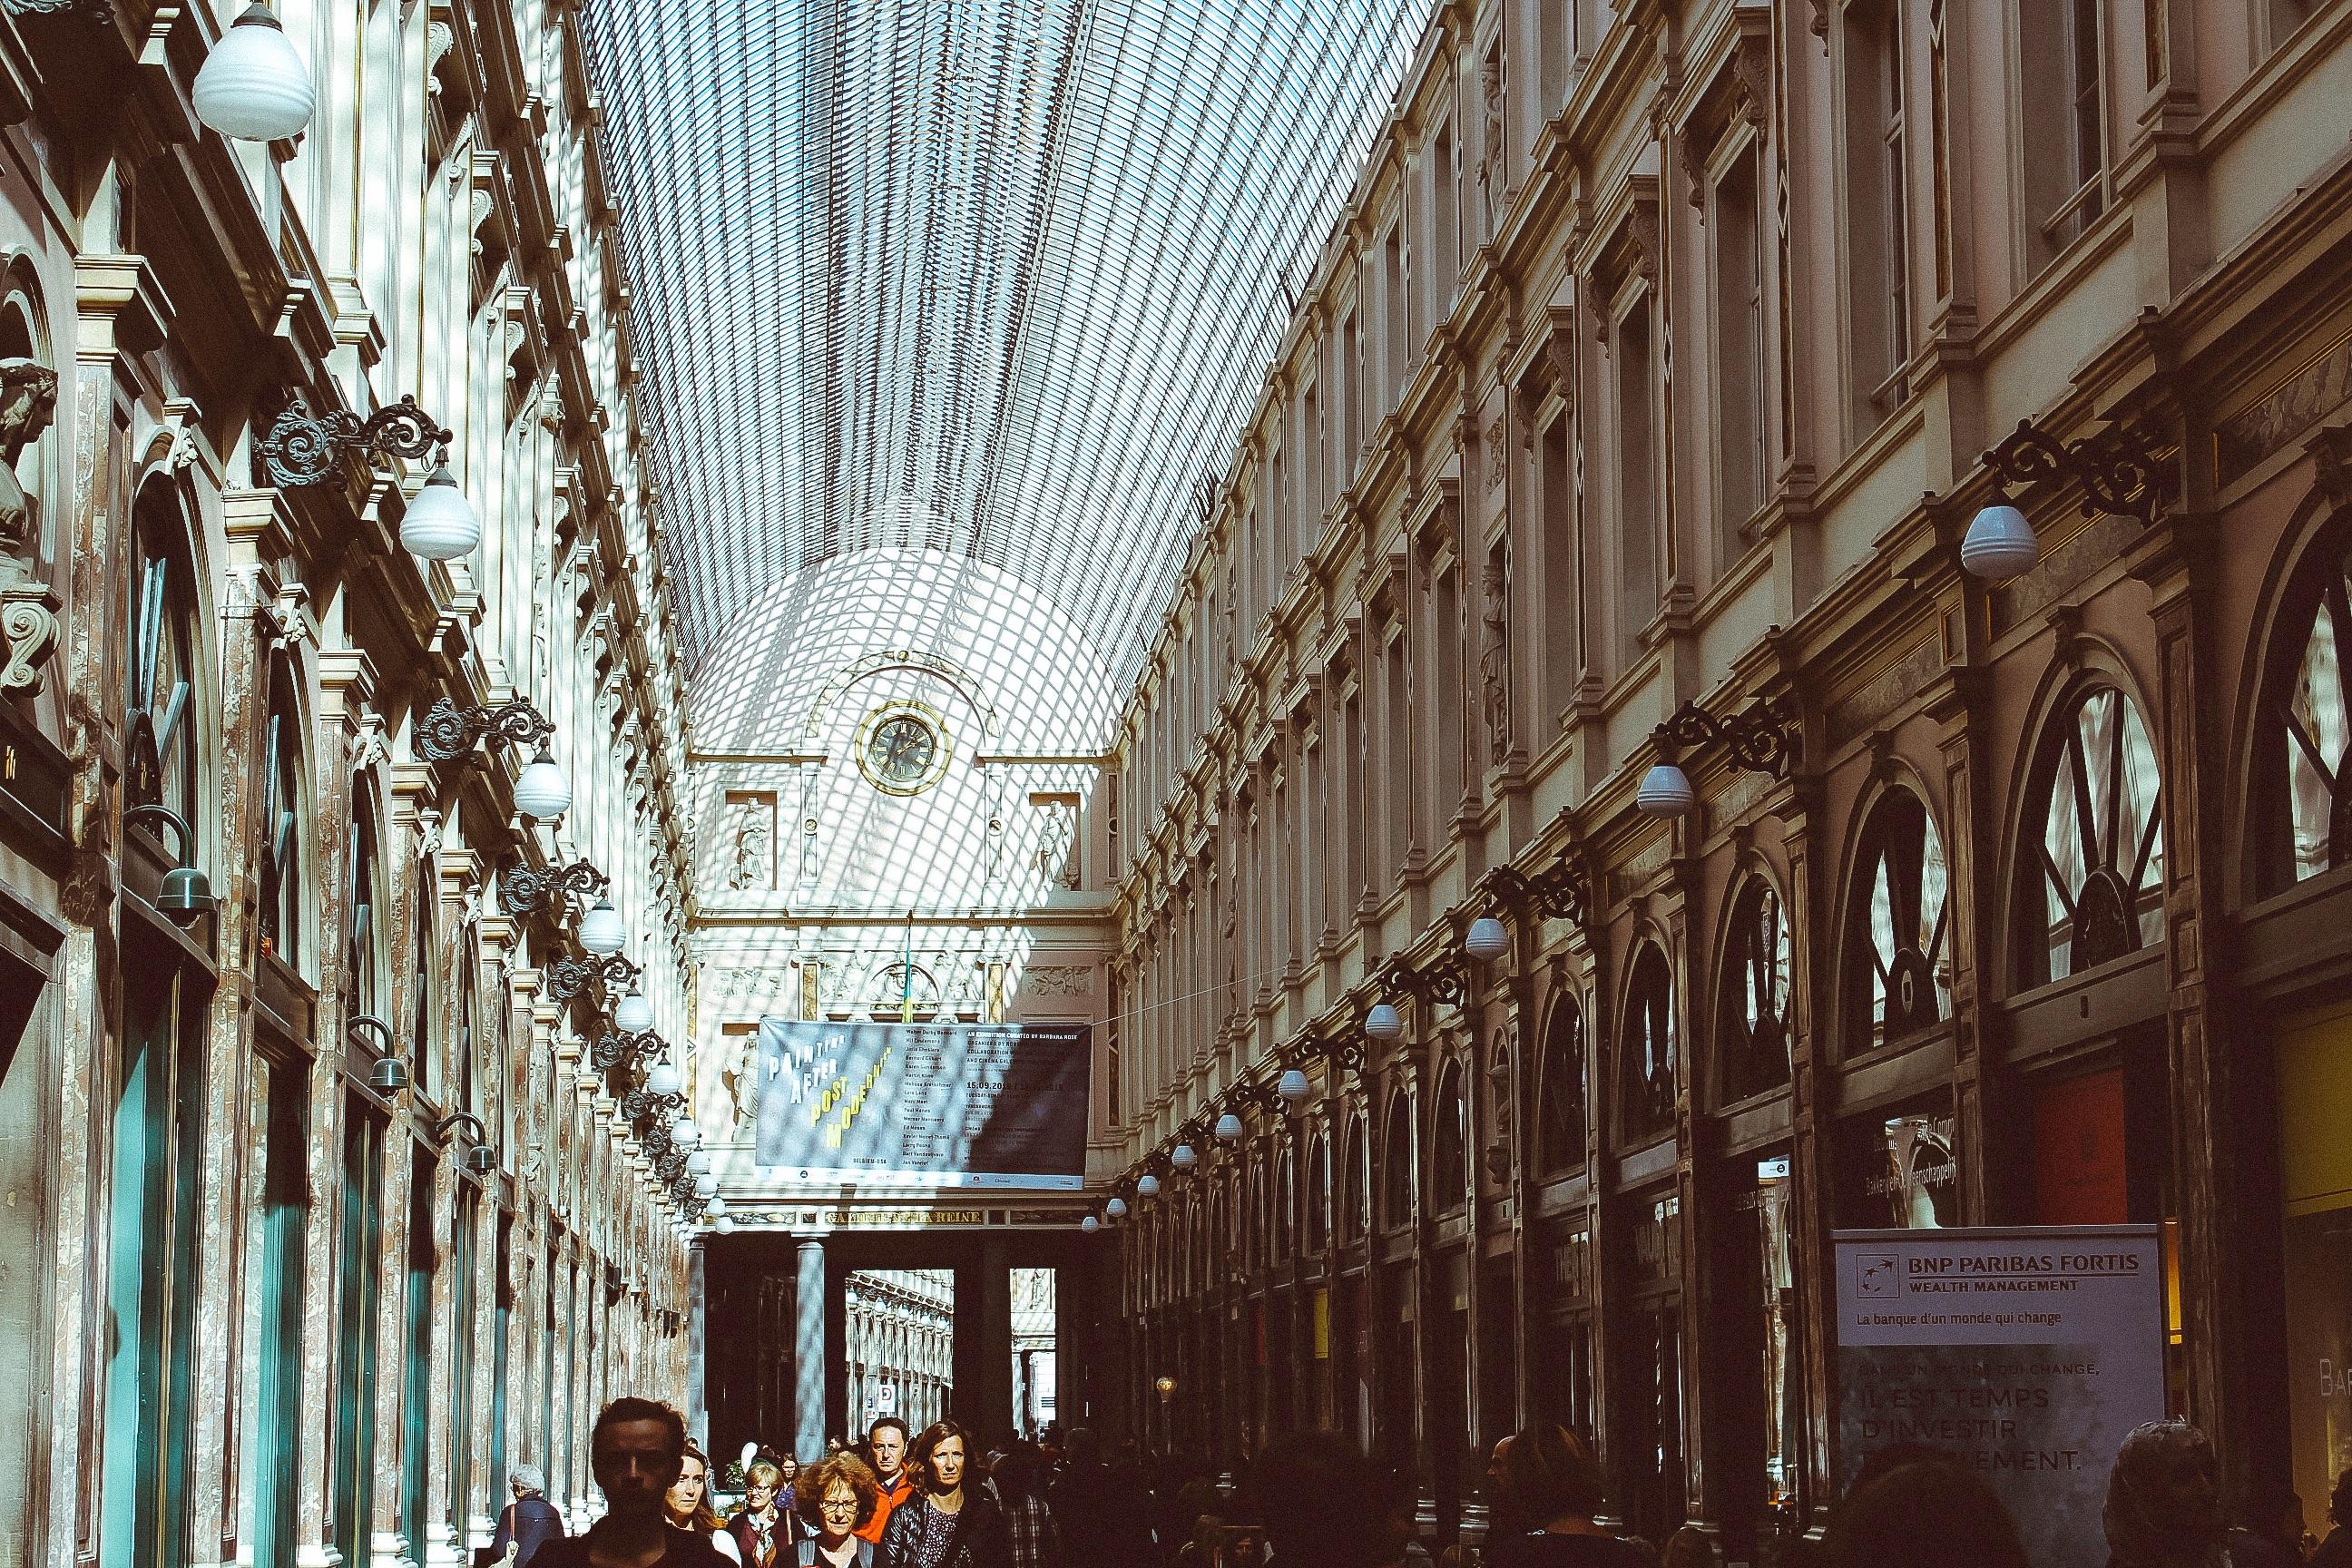 Innenarchitektur Geschichte kostenlose foto die architektur gebäude palast fassade dom